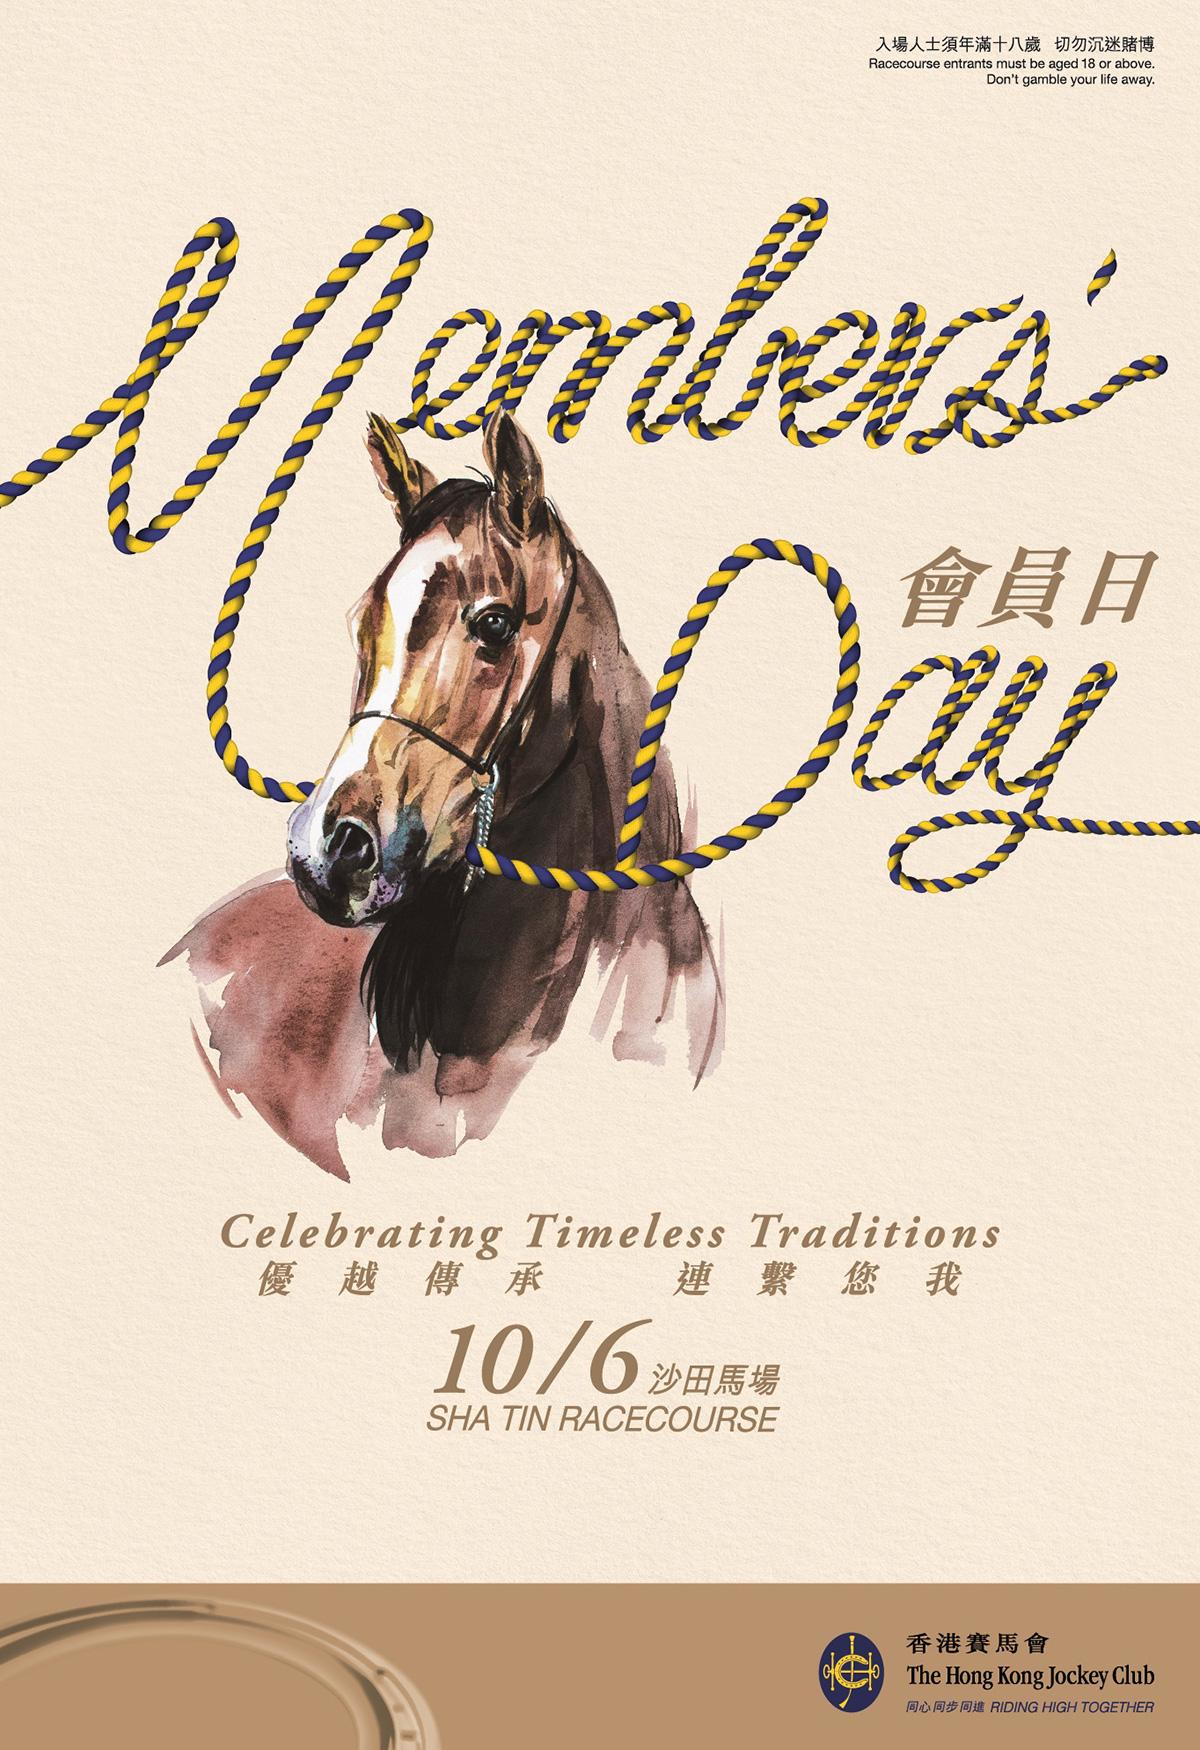 香港賽馬會將於週日(6月10日)舉行會員日